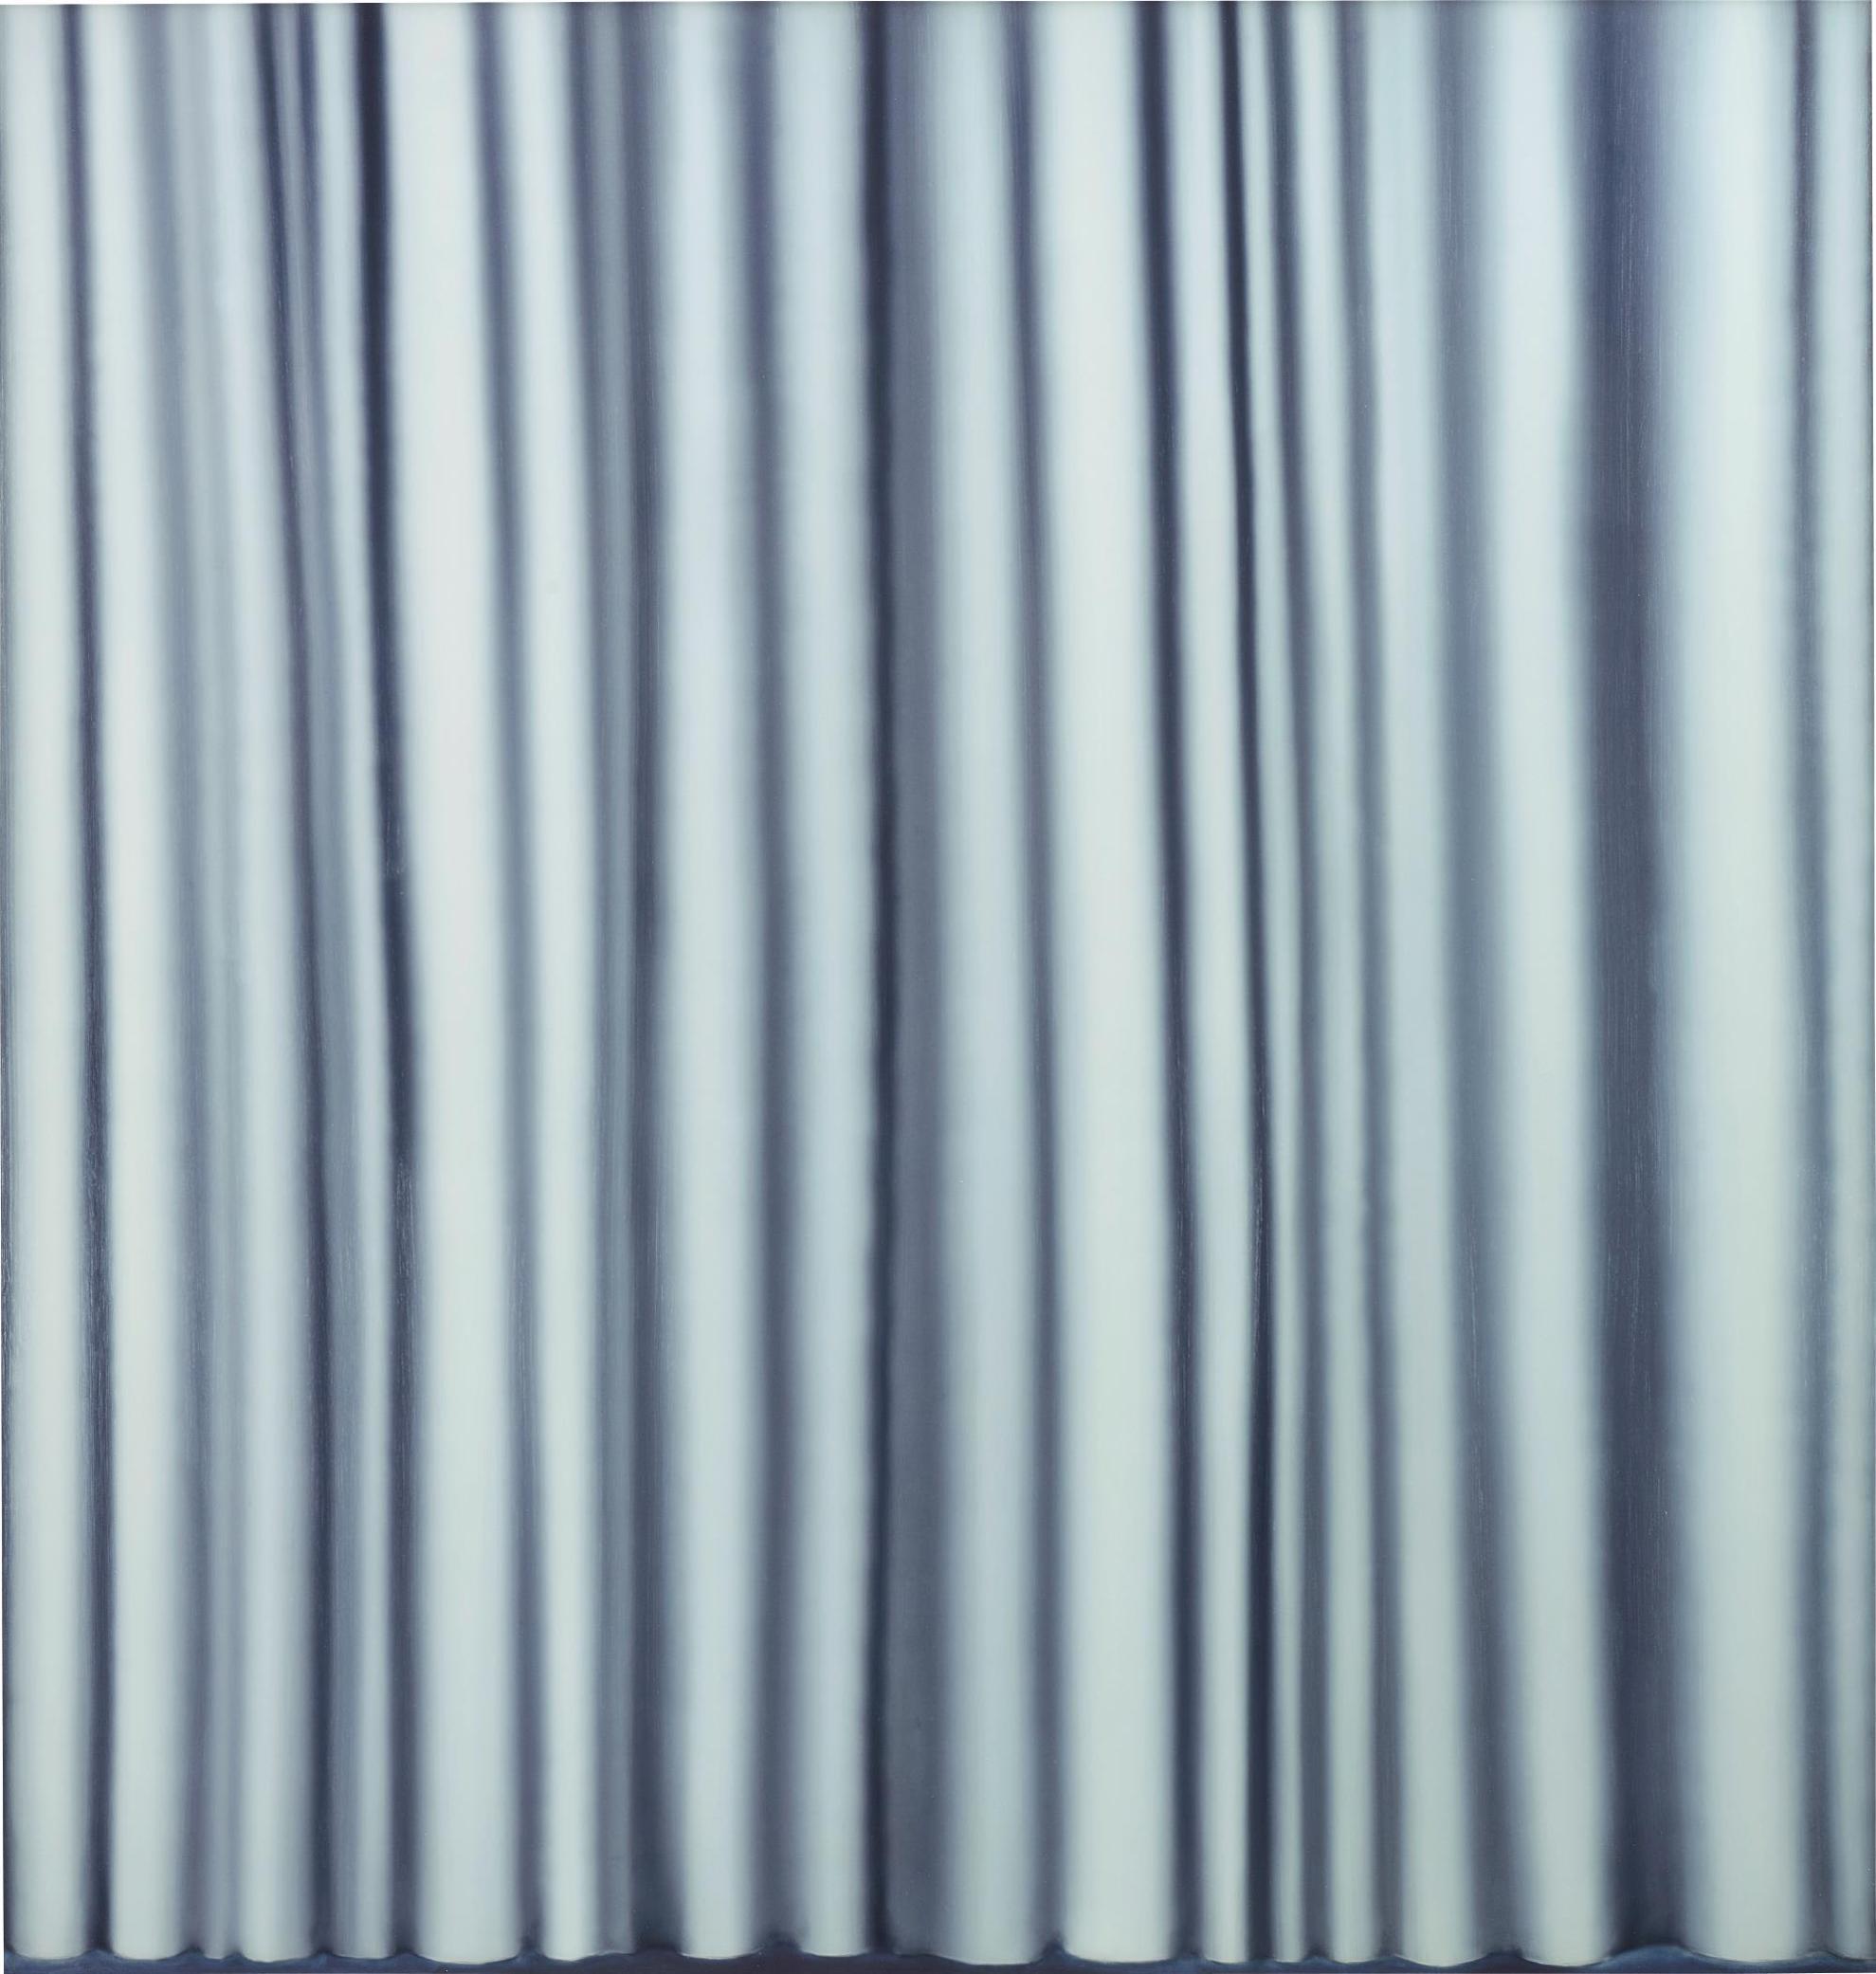 Gerhard Richter-Vorhang-2012